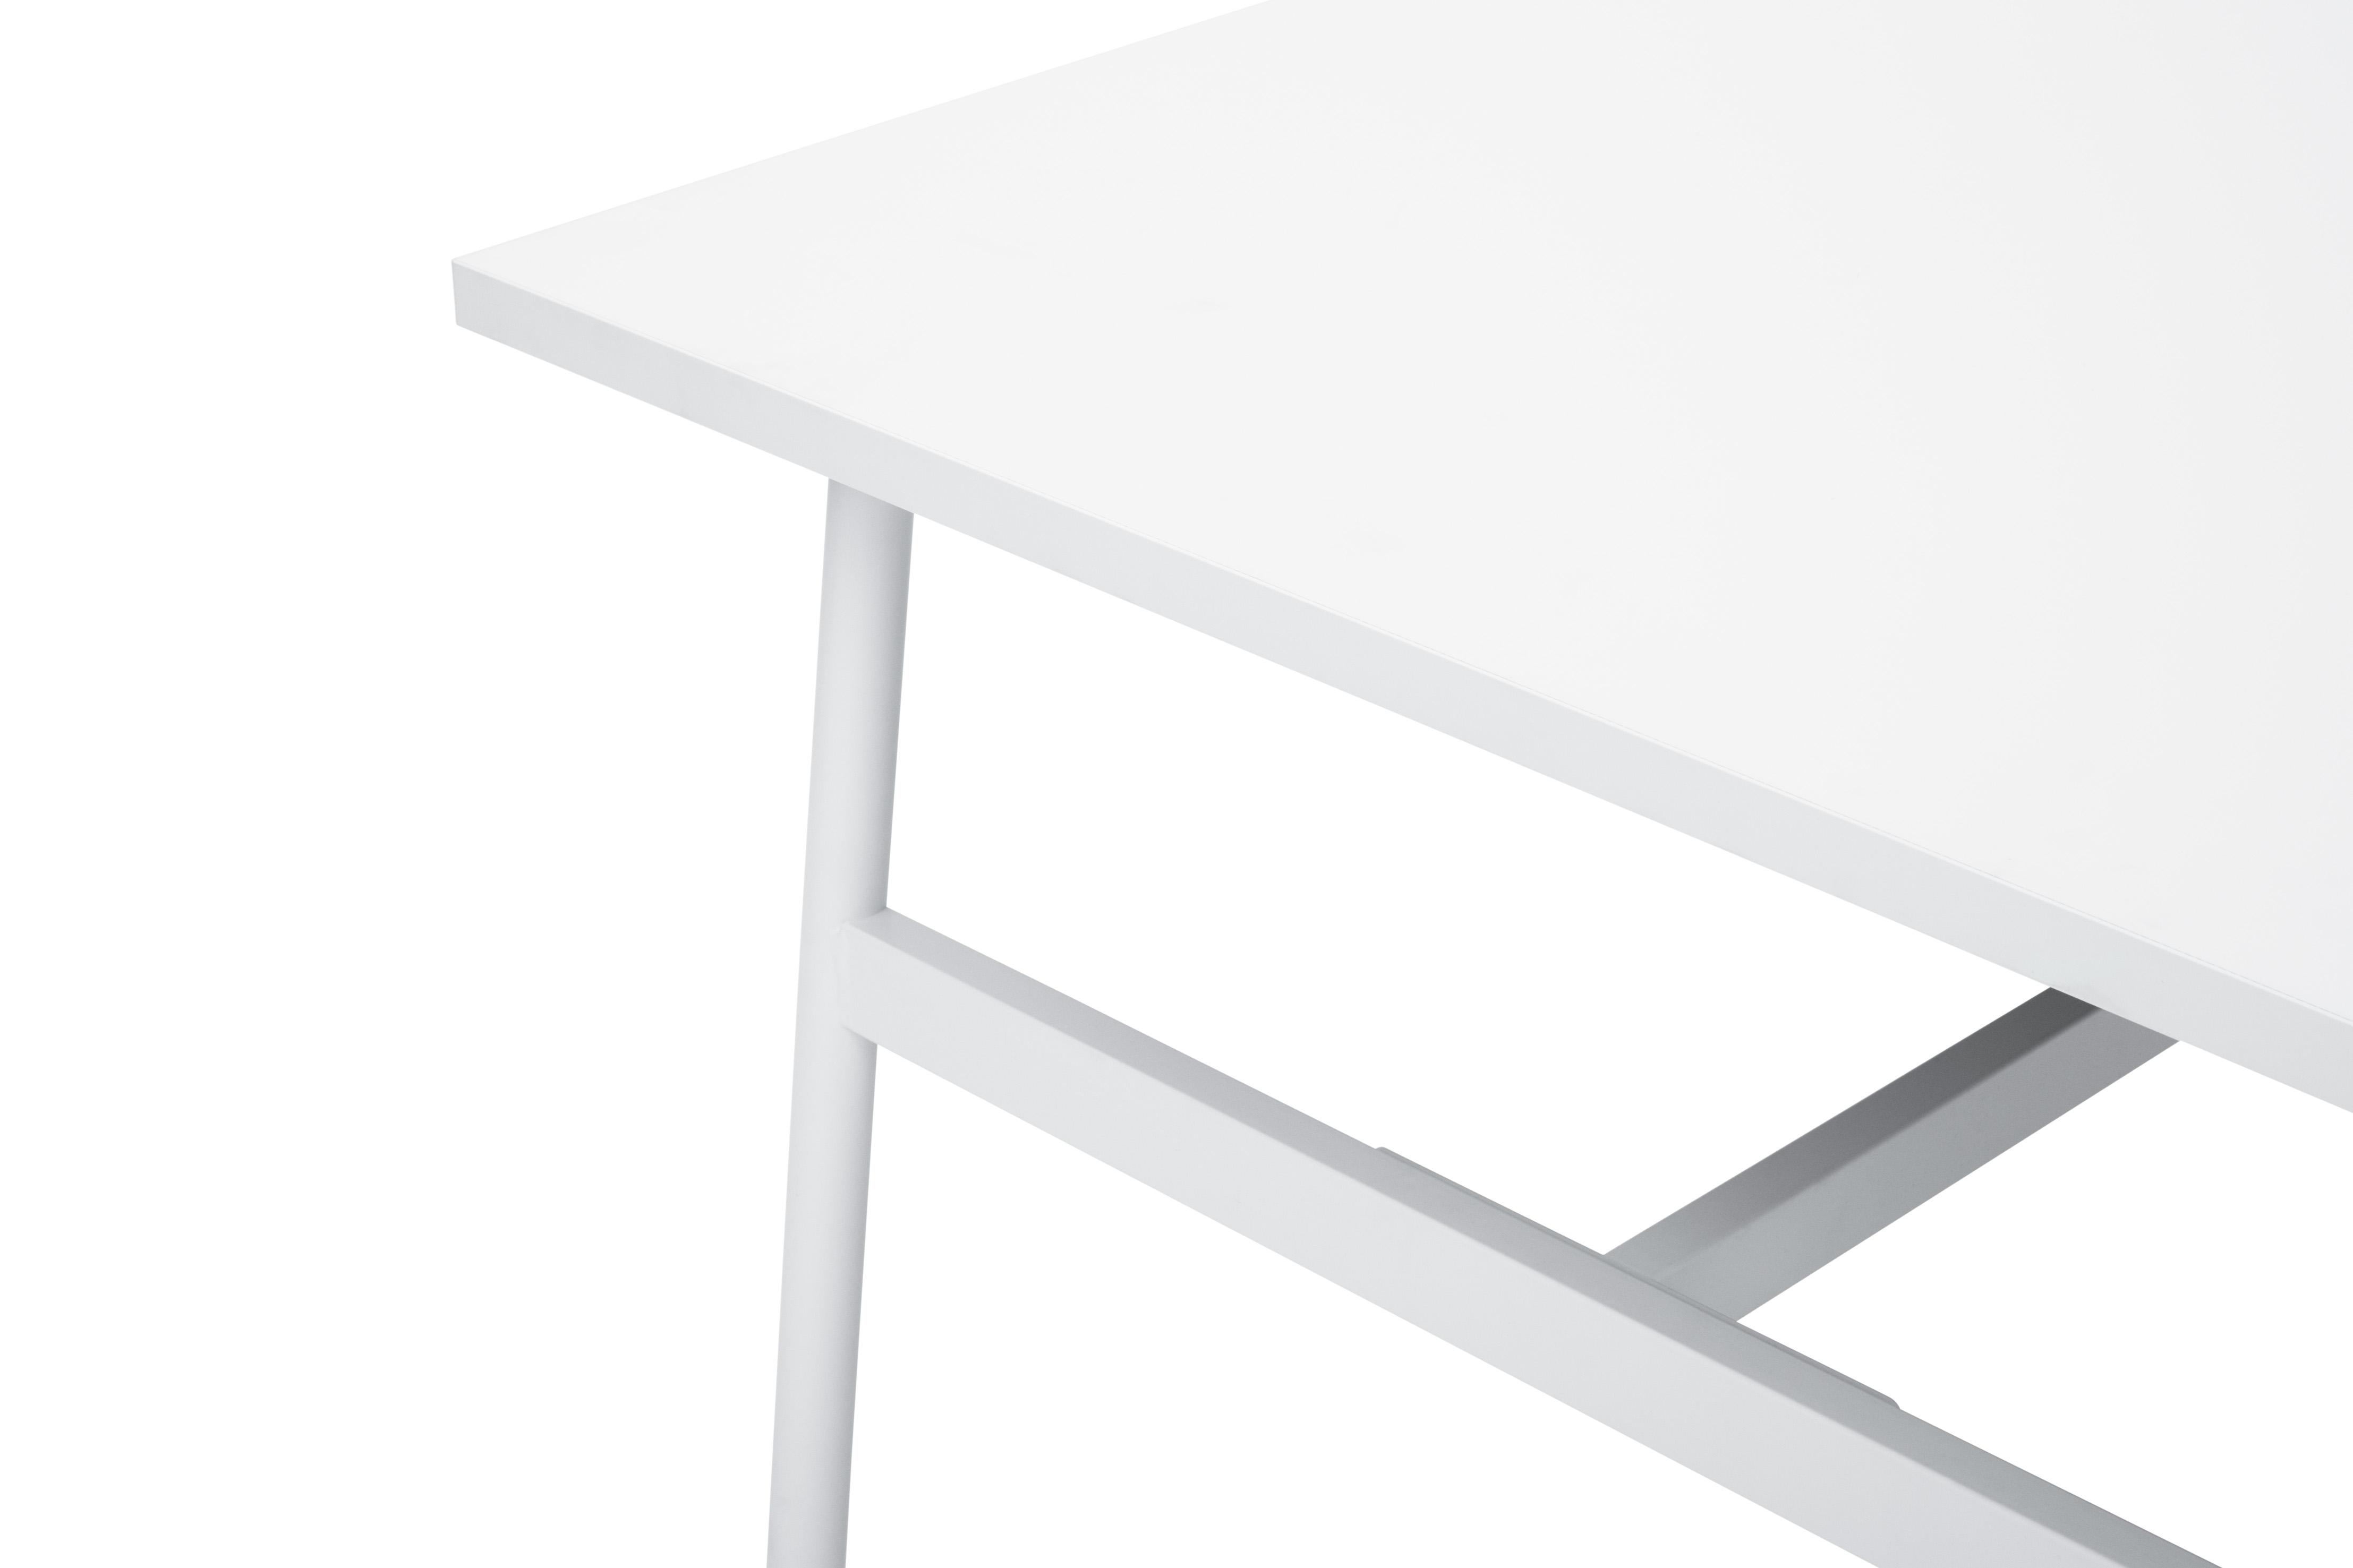 Union Bord 90x90 | normann copenhagen | Vision of Home.se